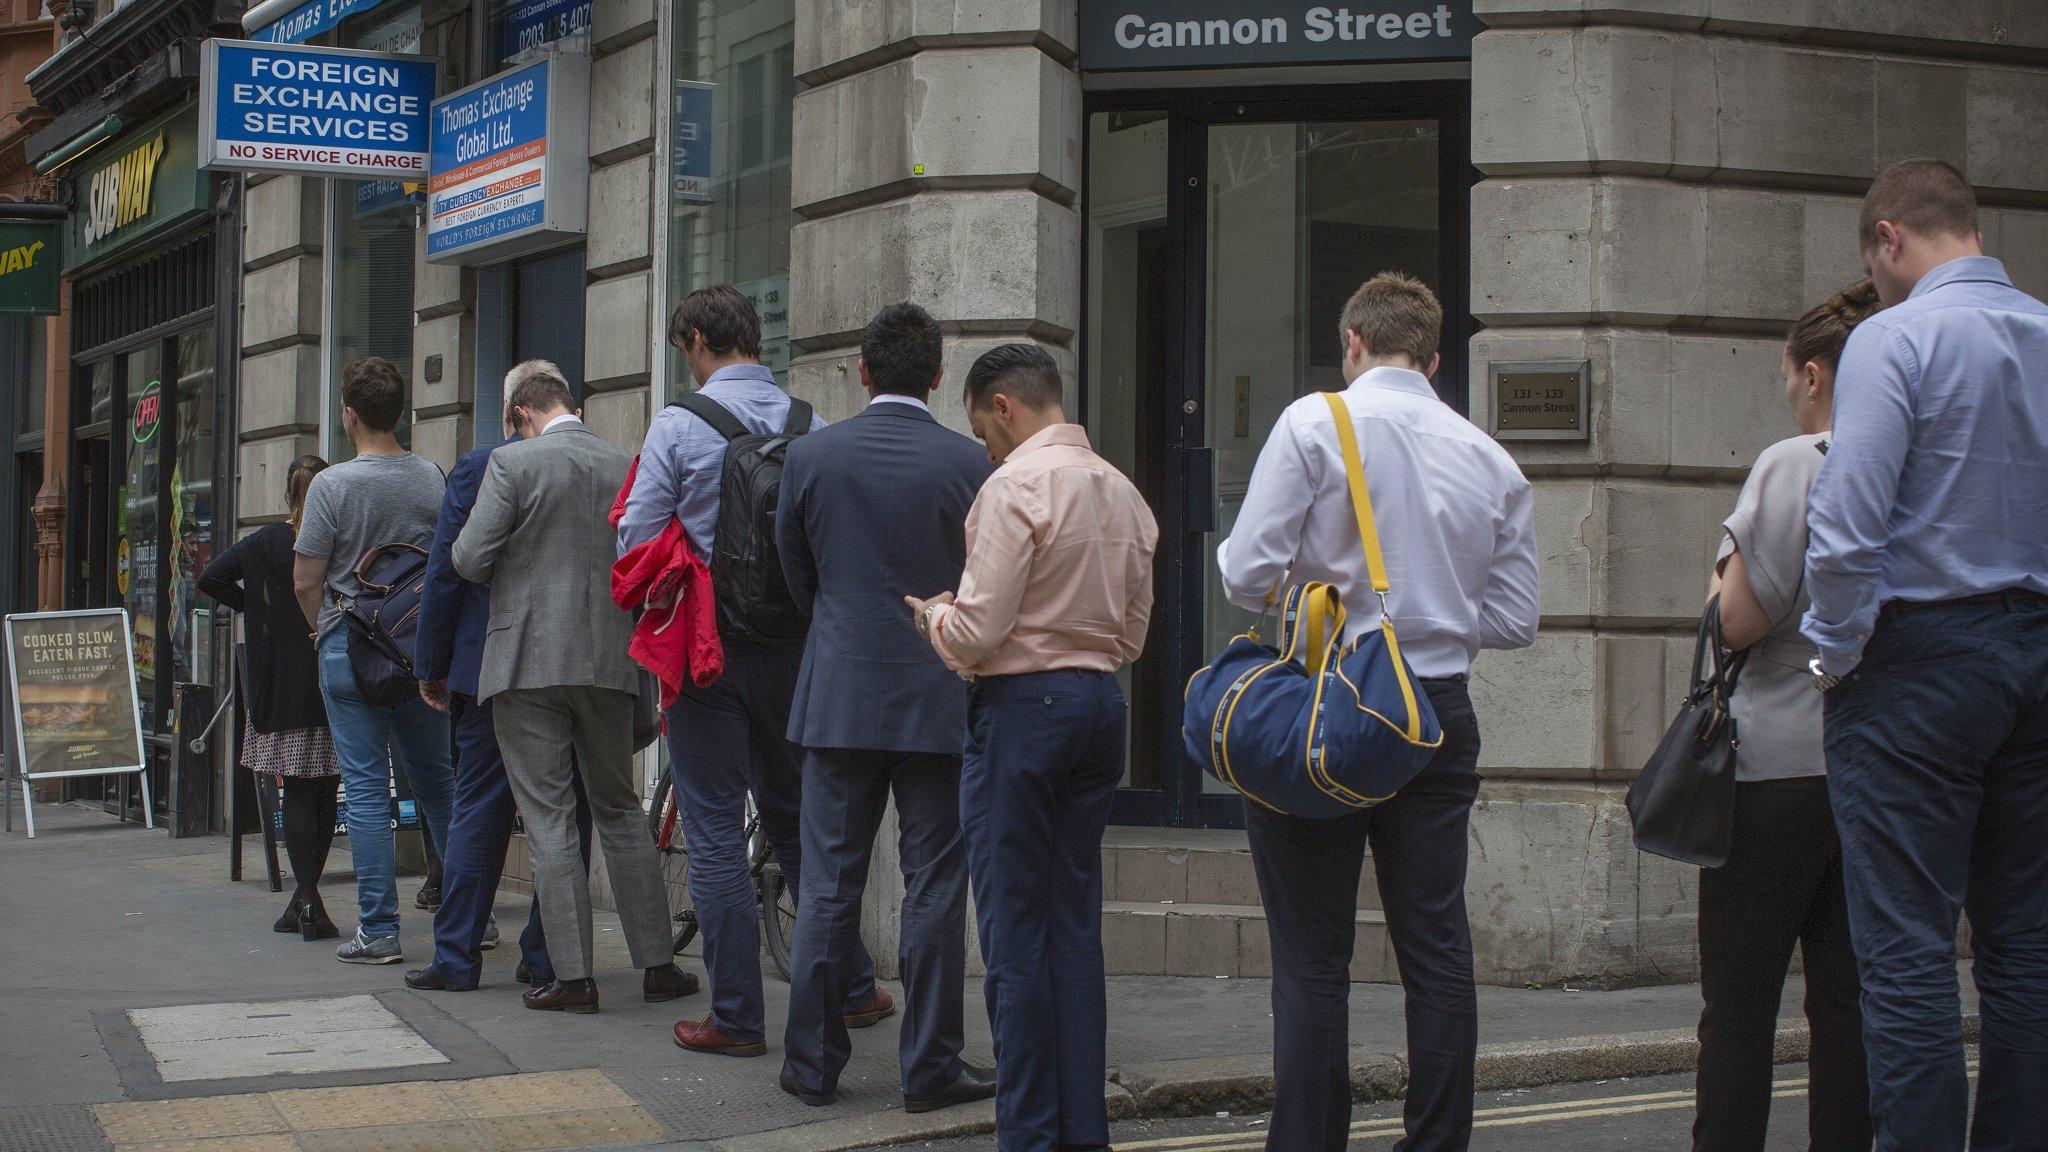 Xchange Bureaux De Change : Britons queue to exchange pounds ahead of referendum financial times